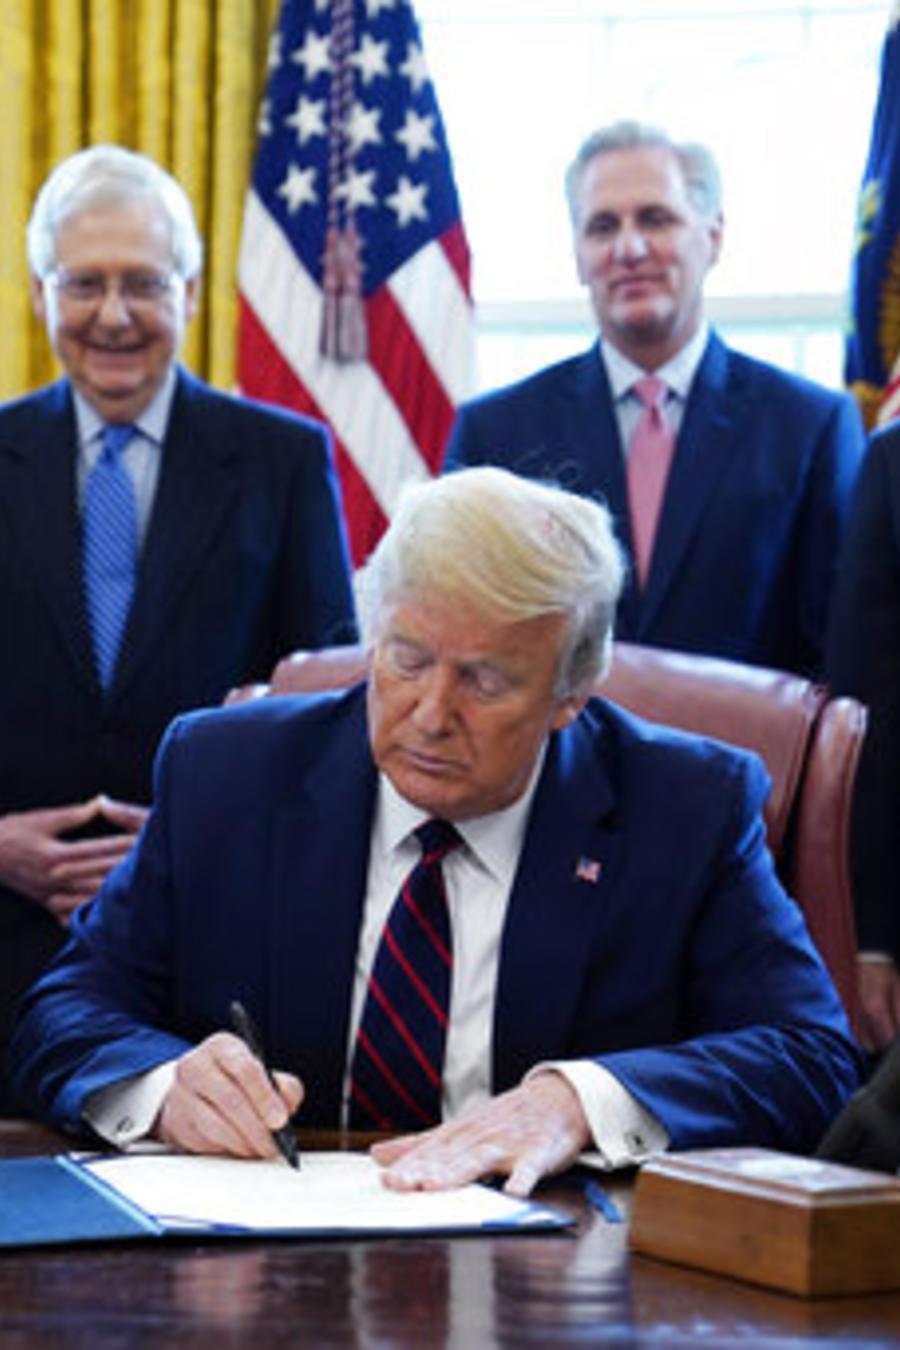 El presidente Donald Trump firma el paquete de alivio económico para aliviar la crisis creada por el coronavirus.